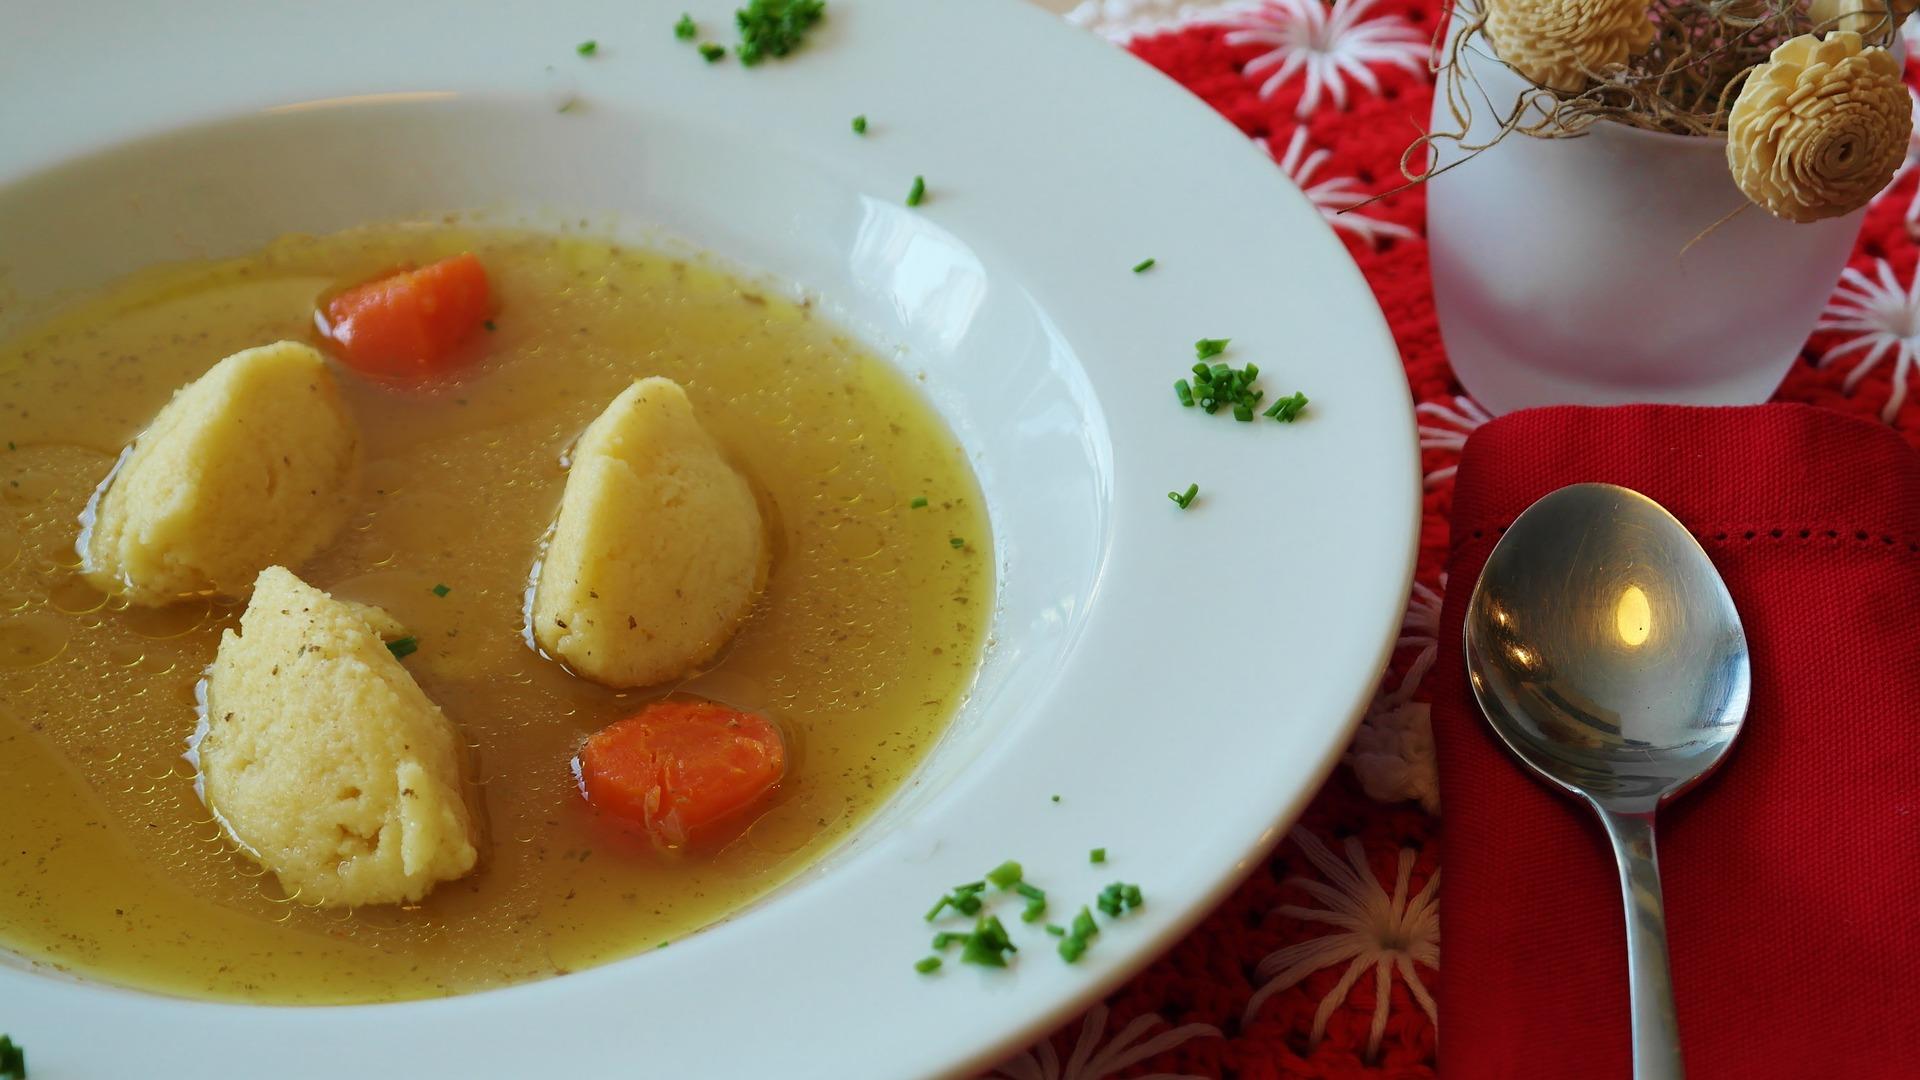 Supa de gaina de tara cu galuste